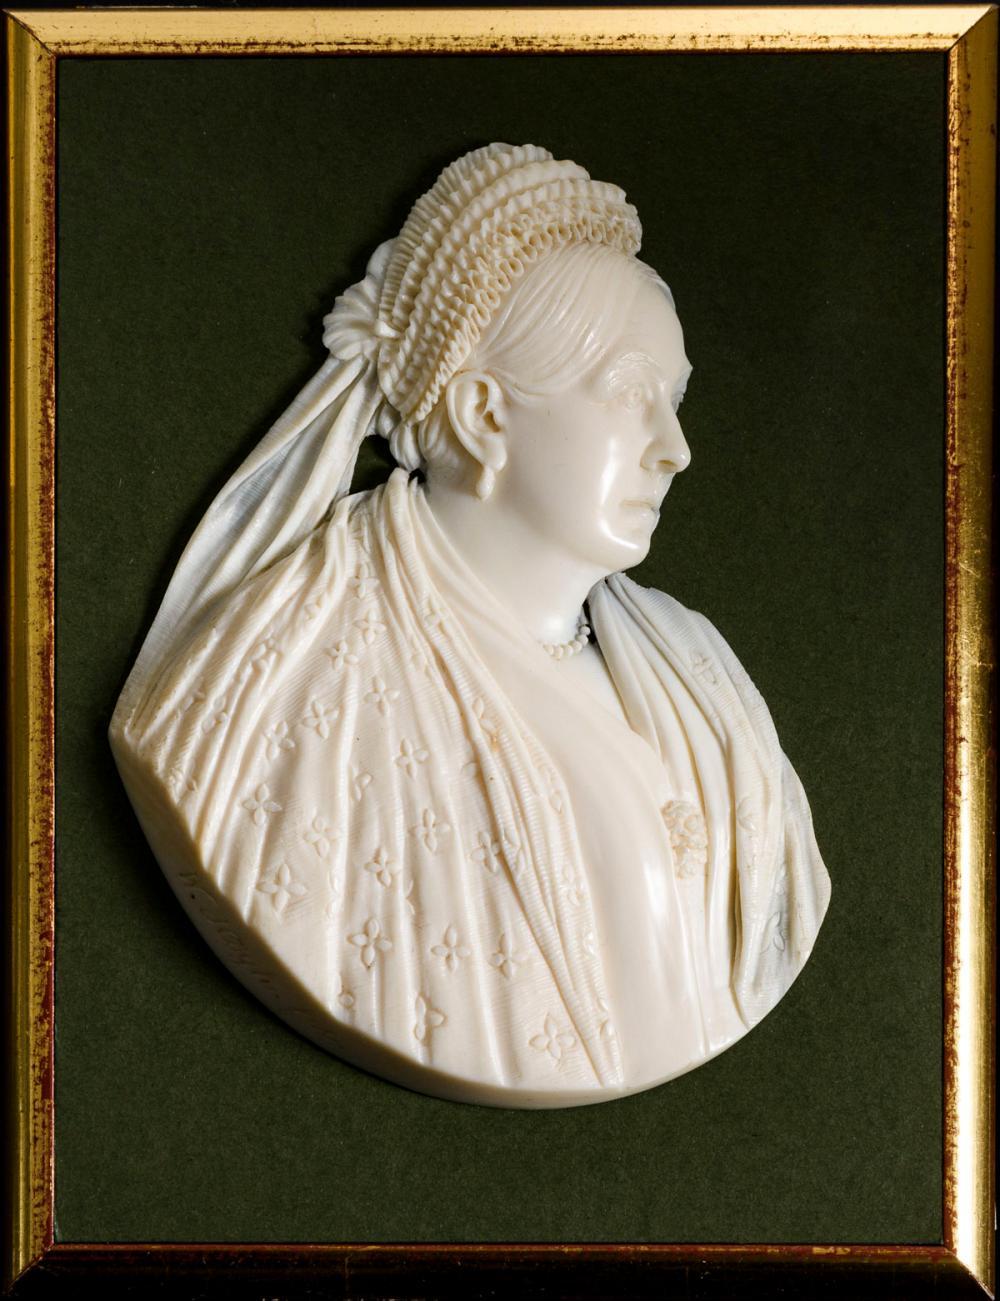 Elfenbein-Reliefbildnis: Queen Victoria, Königin von Großbritannien und Irland.